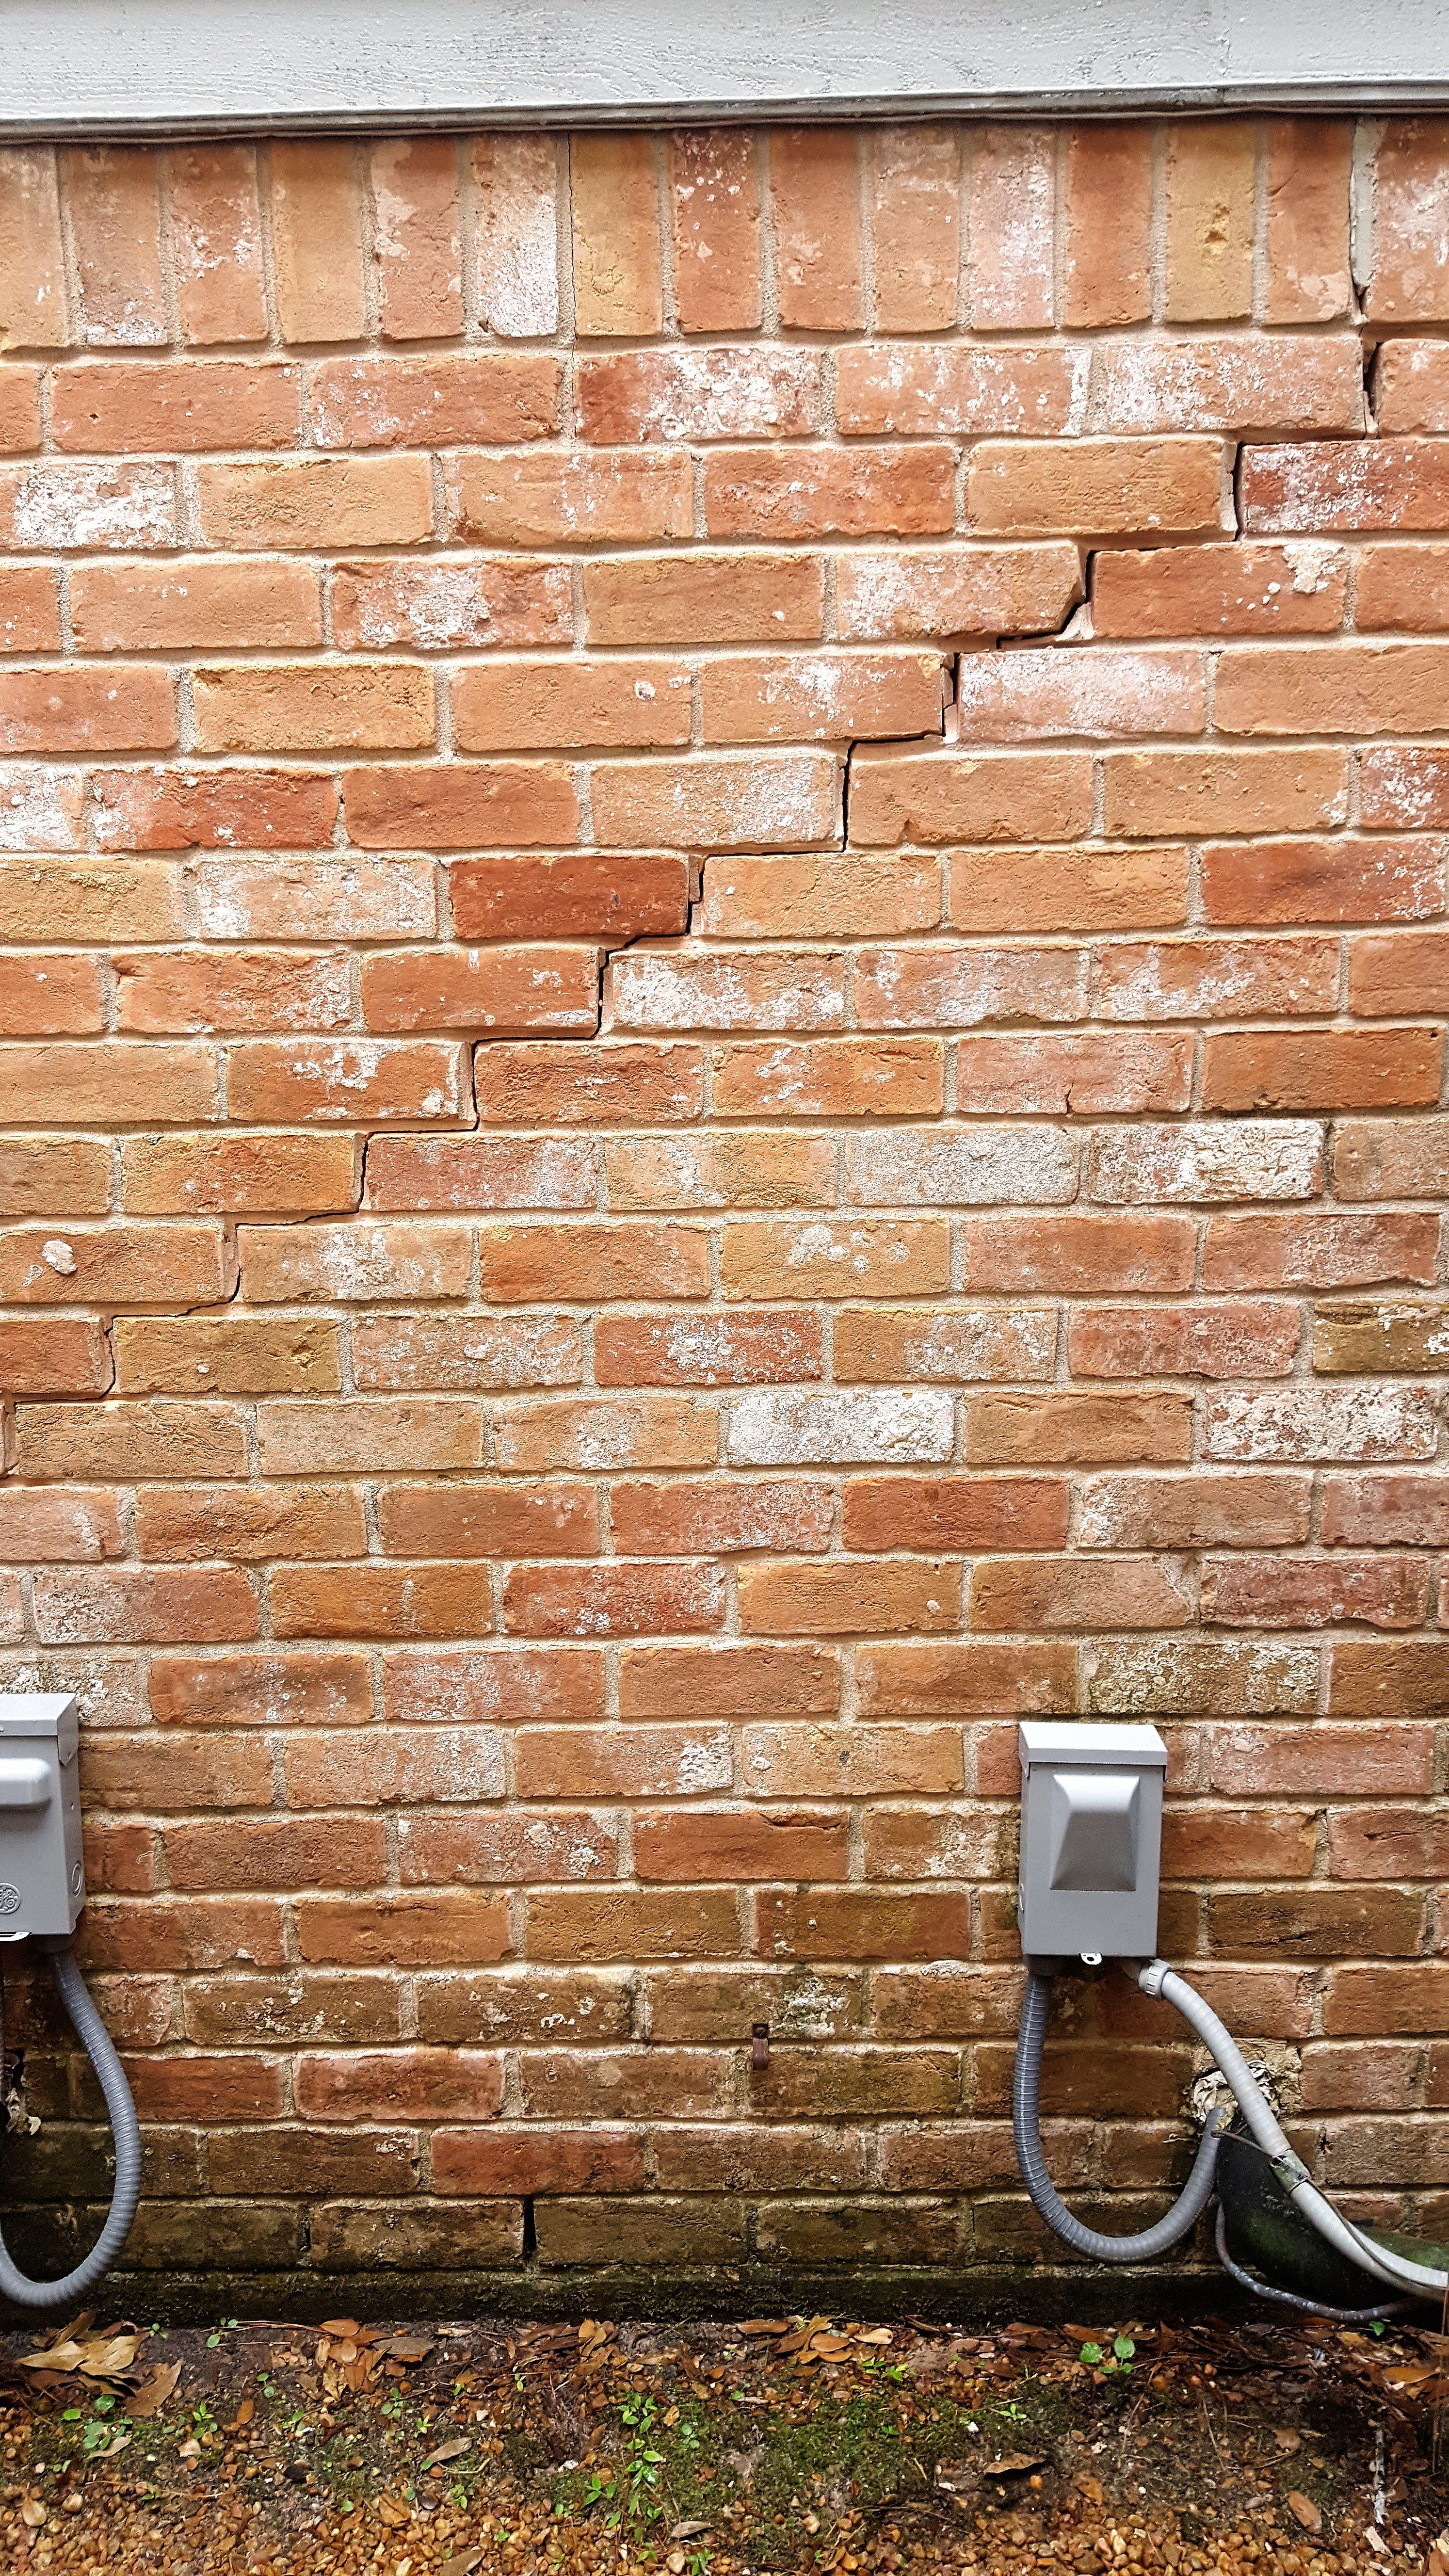 masonry repair in Tomball,TX.,masonry repair in Spring,TX.,masonry repair in Woodlands,TX., mortar crack repair and color matching in Cypresswood, Klien brick repair